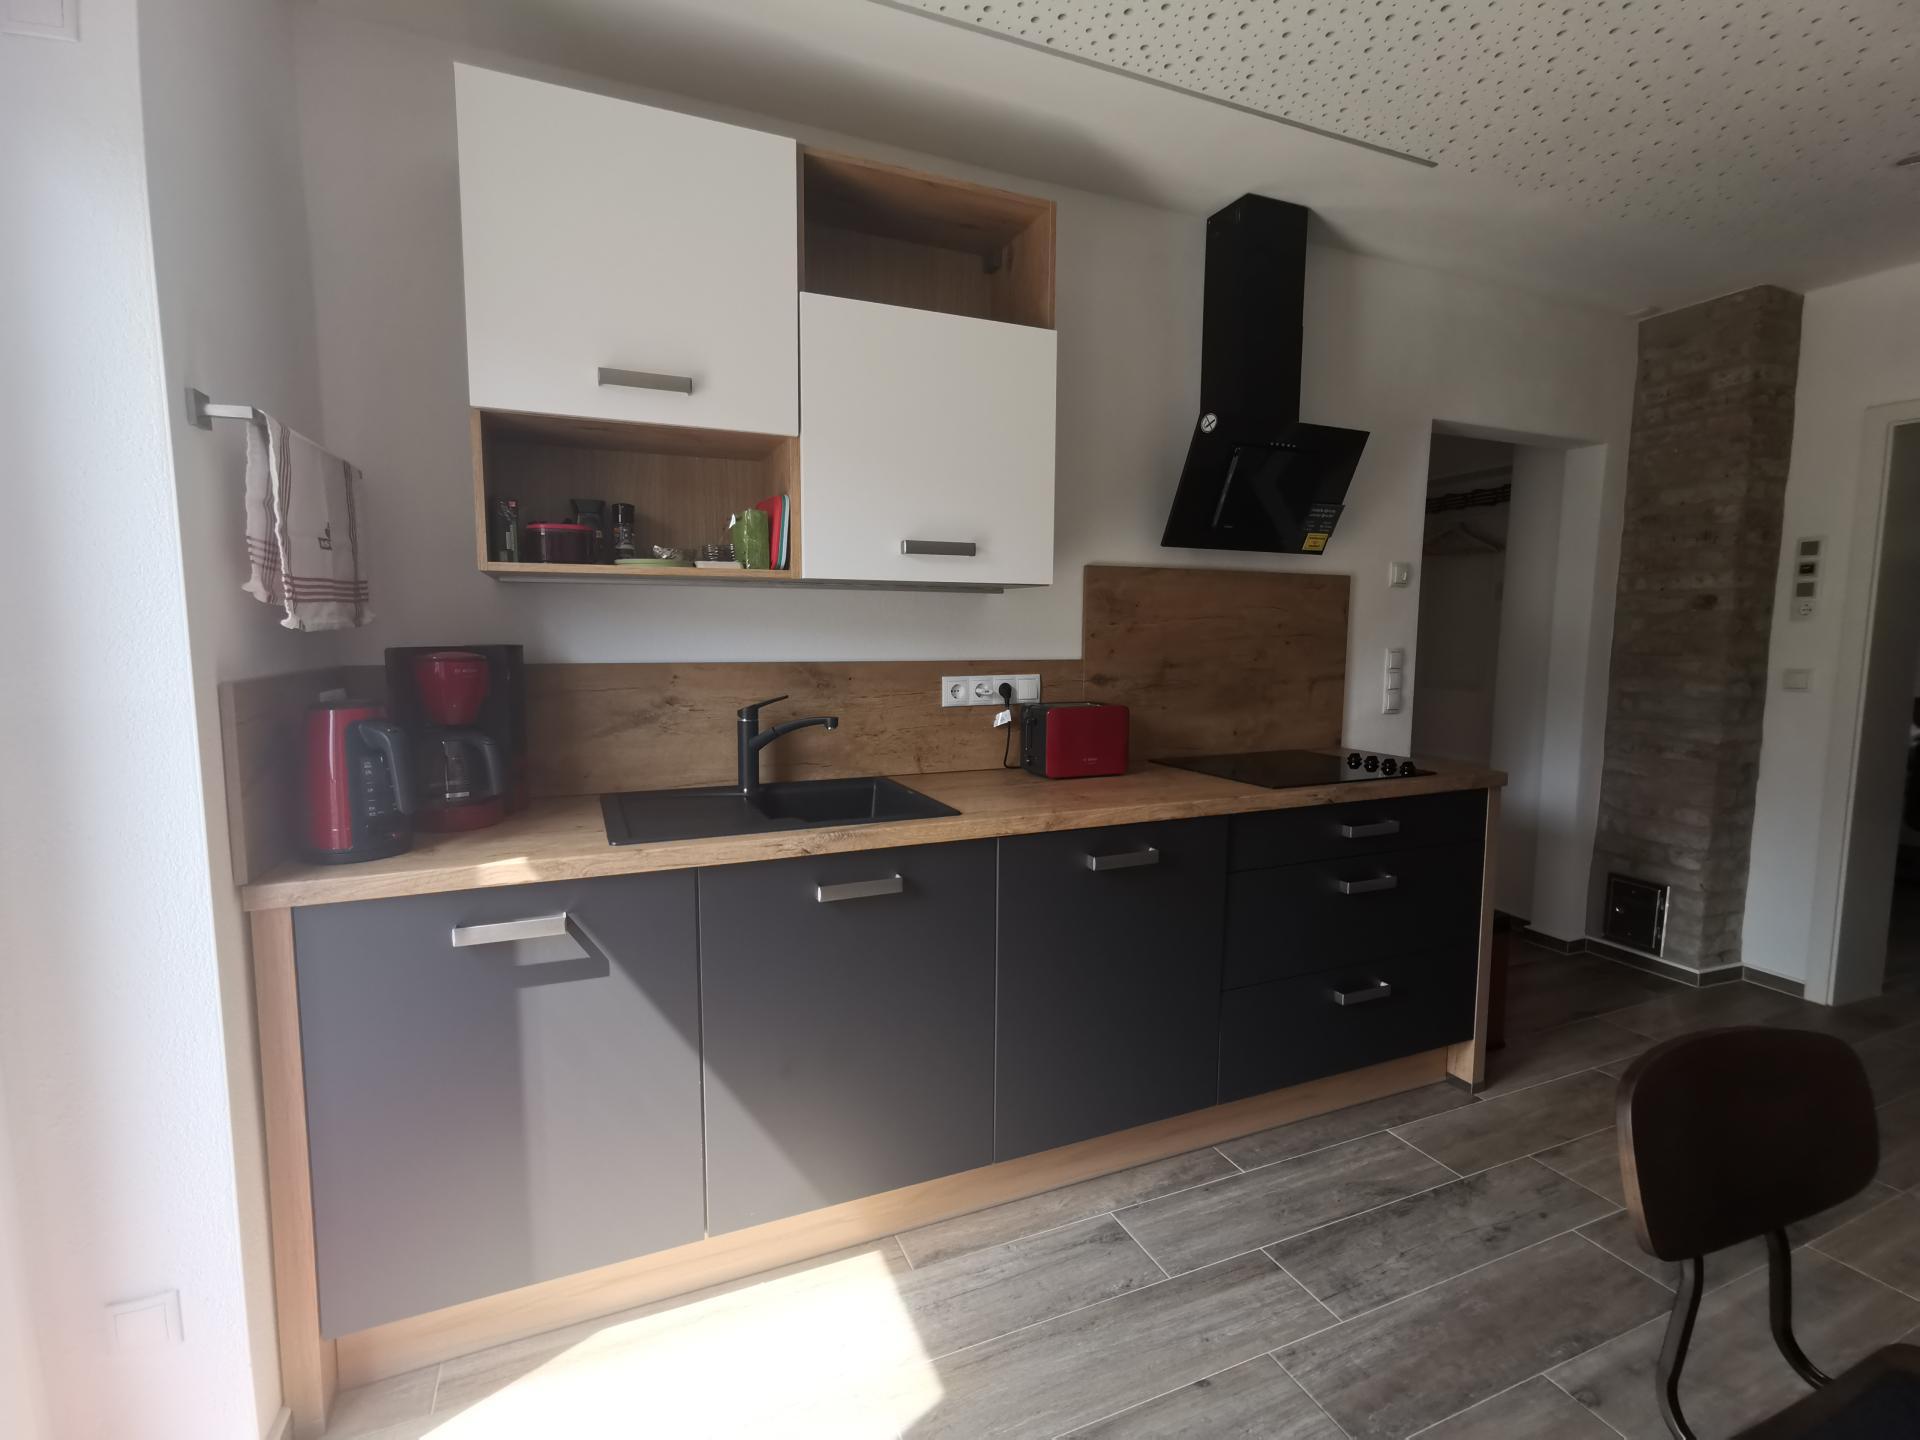 Küche Bild 4